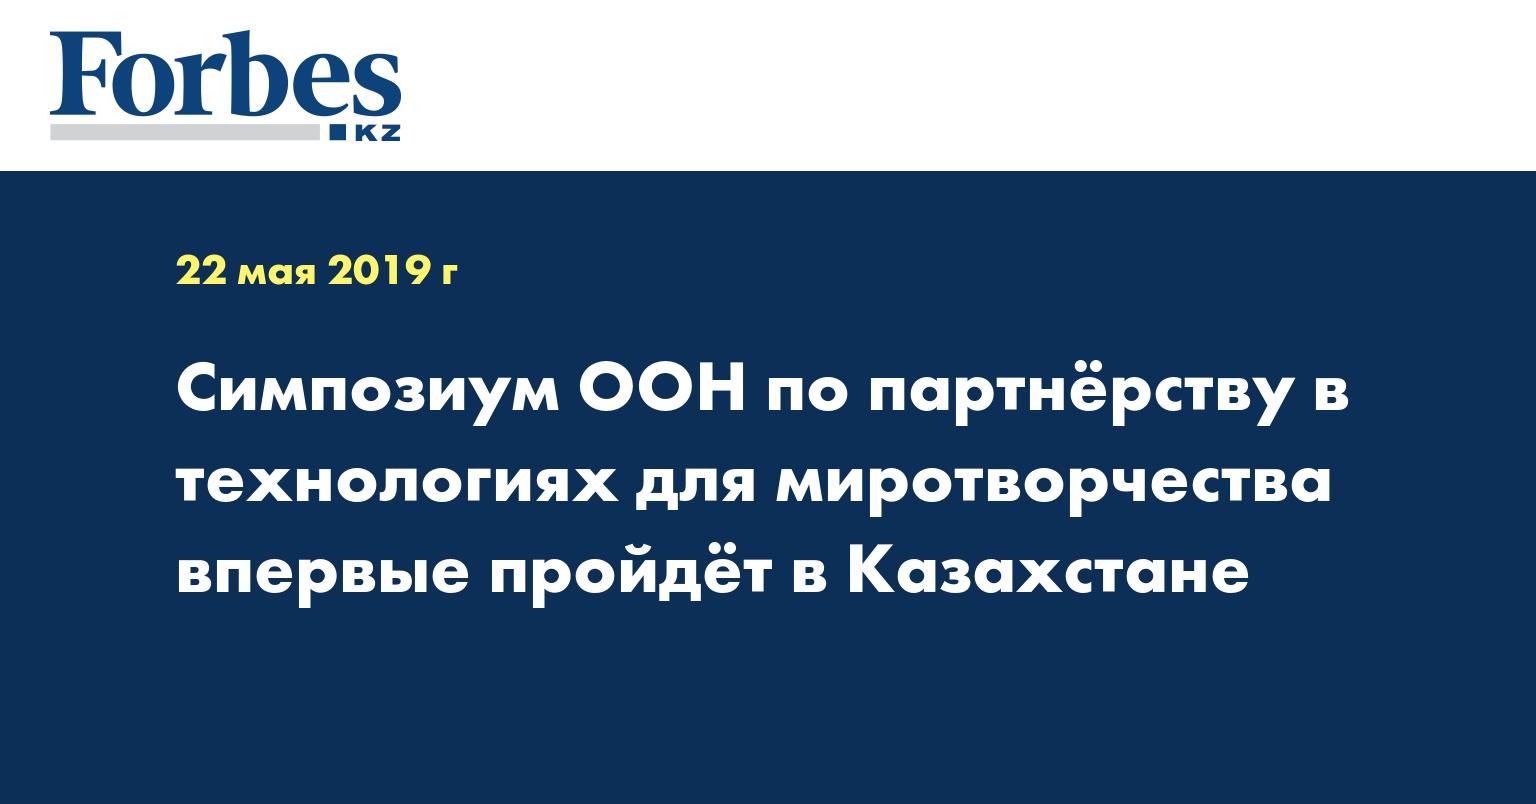 Симпозиум ООН по партнерству в технологиях для миротворчества впервые пройдет в Казахстане